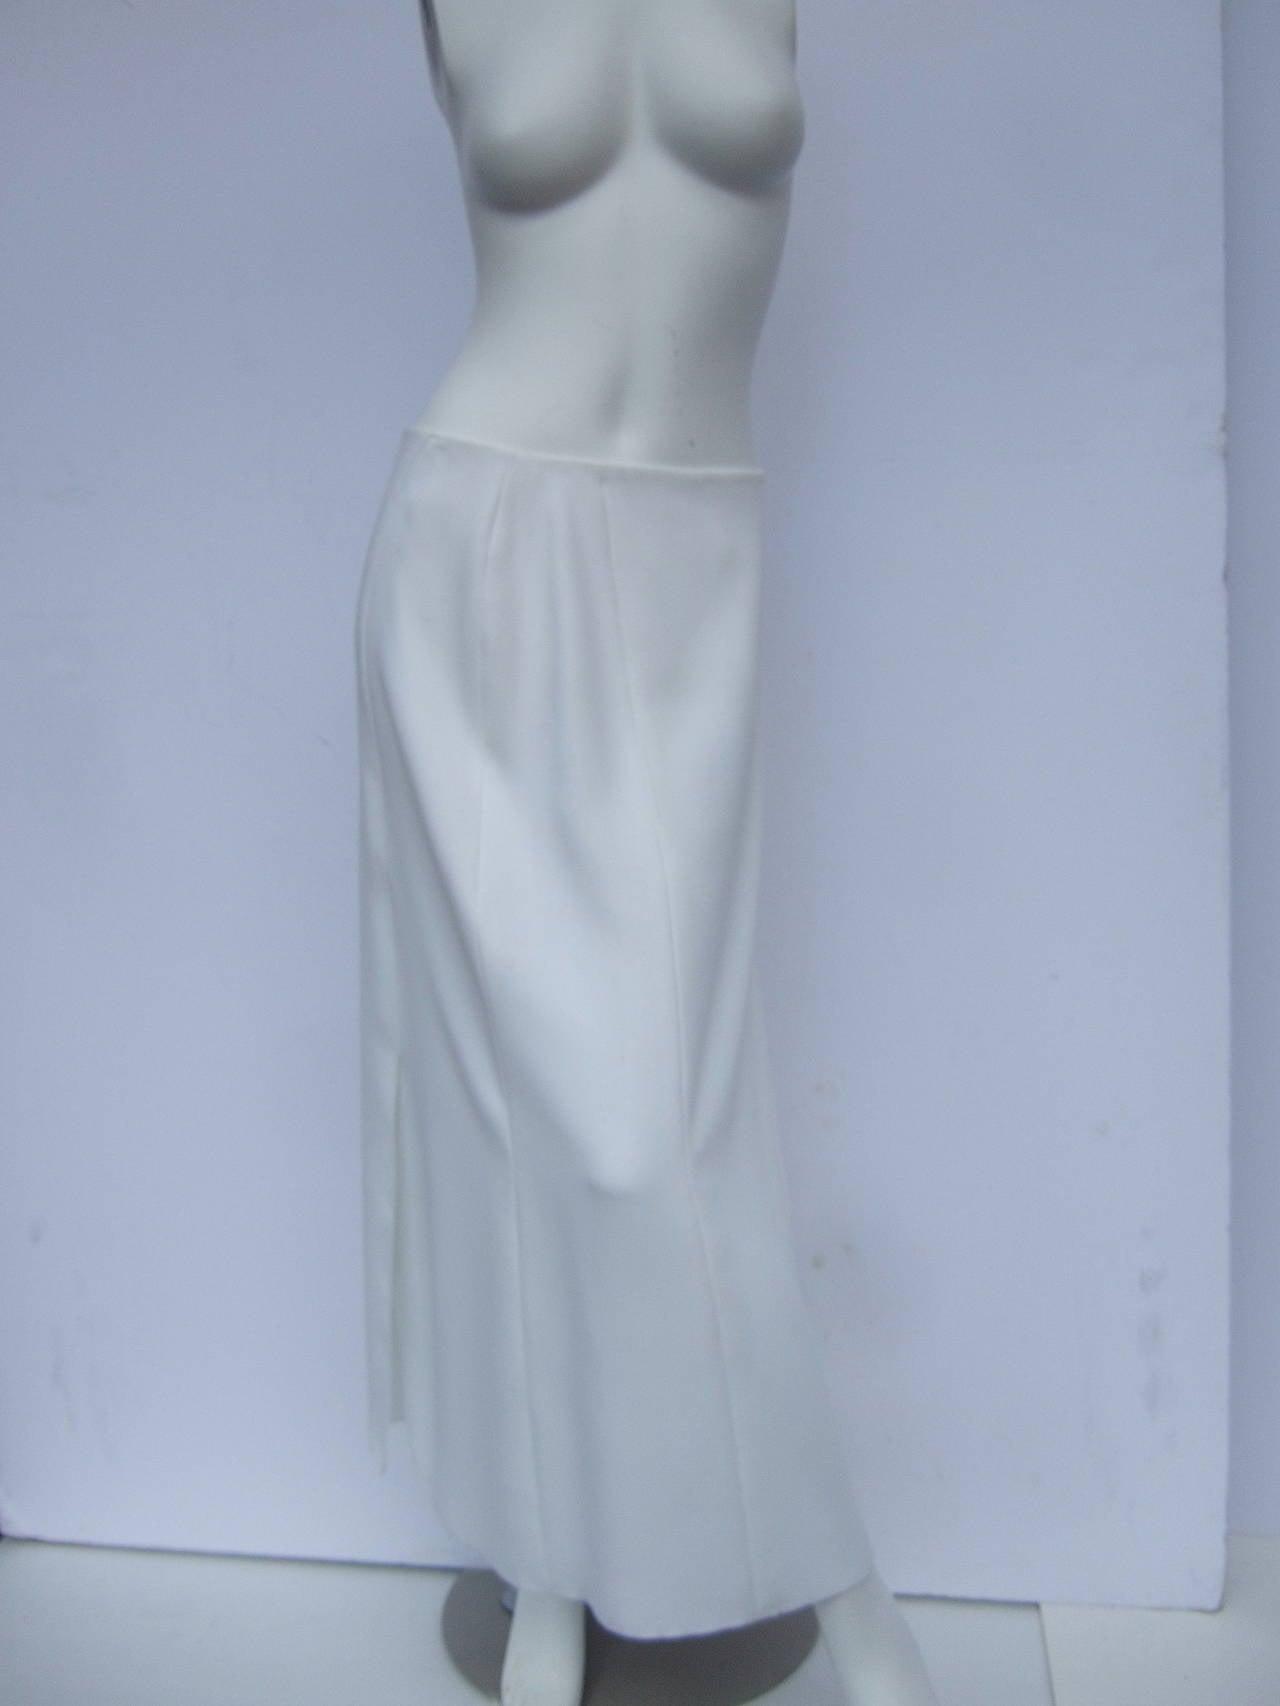 Chanel Elegant Chic Long White Skirt Size 40 For Sale 2